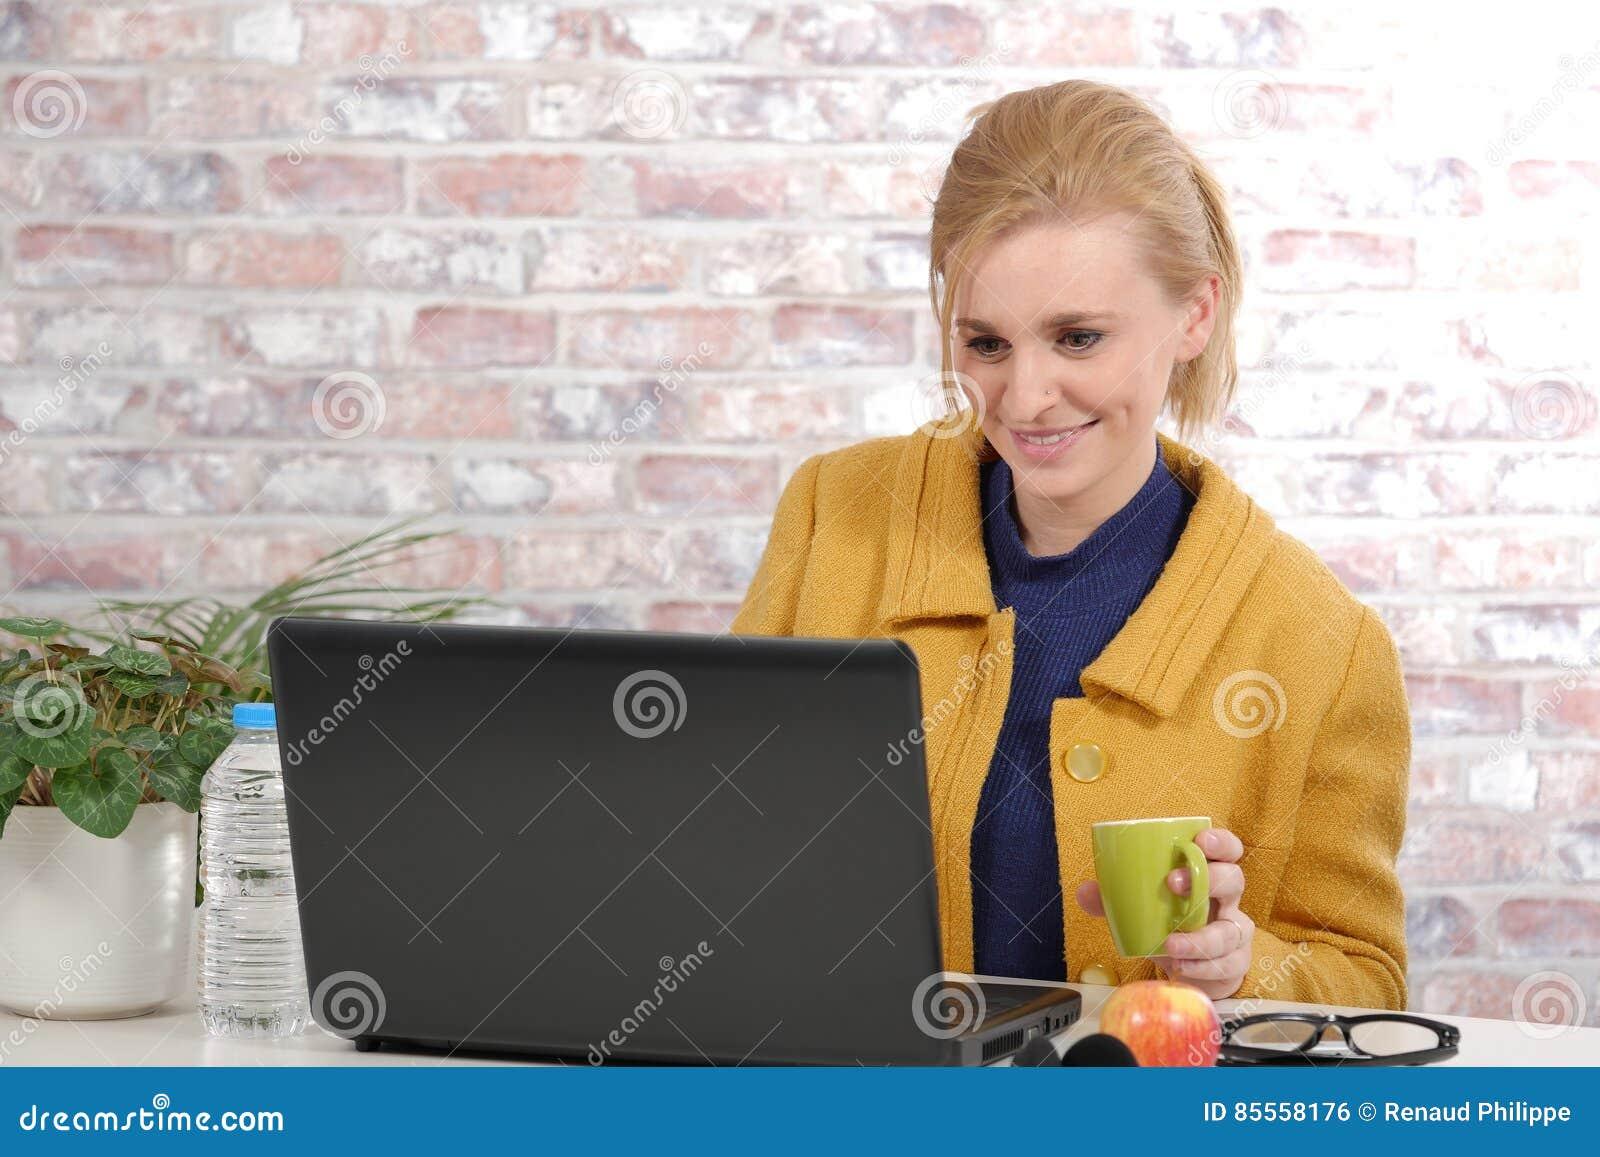 Schöne junge Geschäftsfrau mit einer gelben Jacke